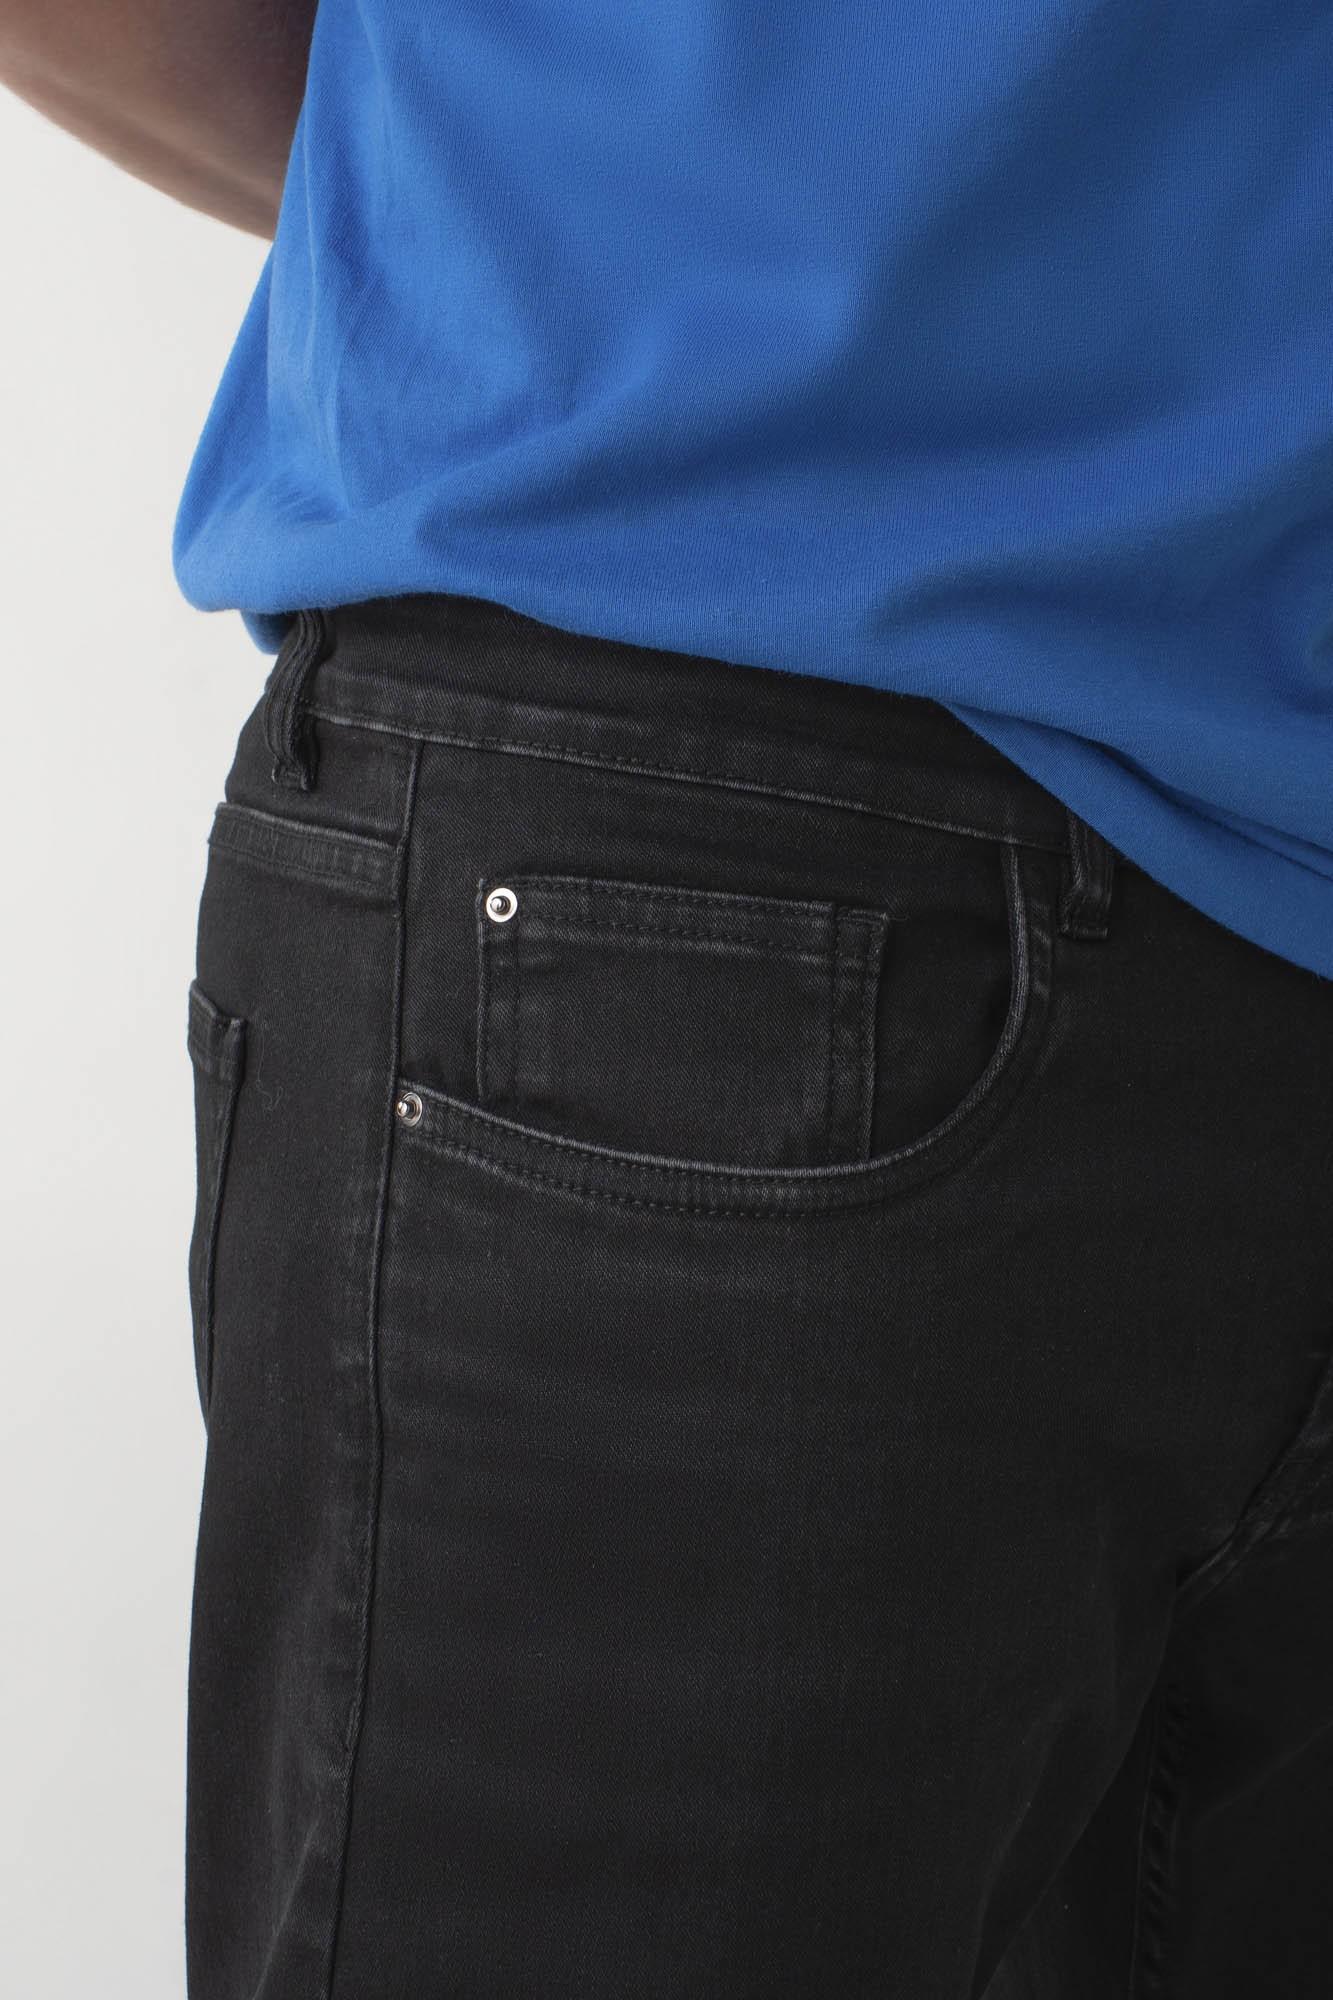 Calça jeans black slim - Daily